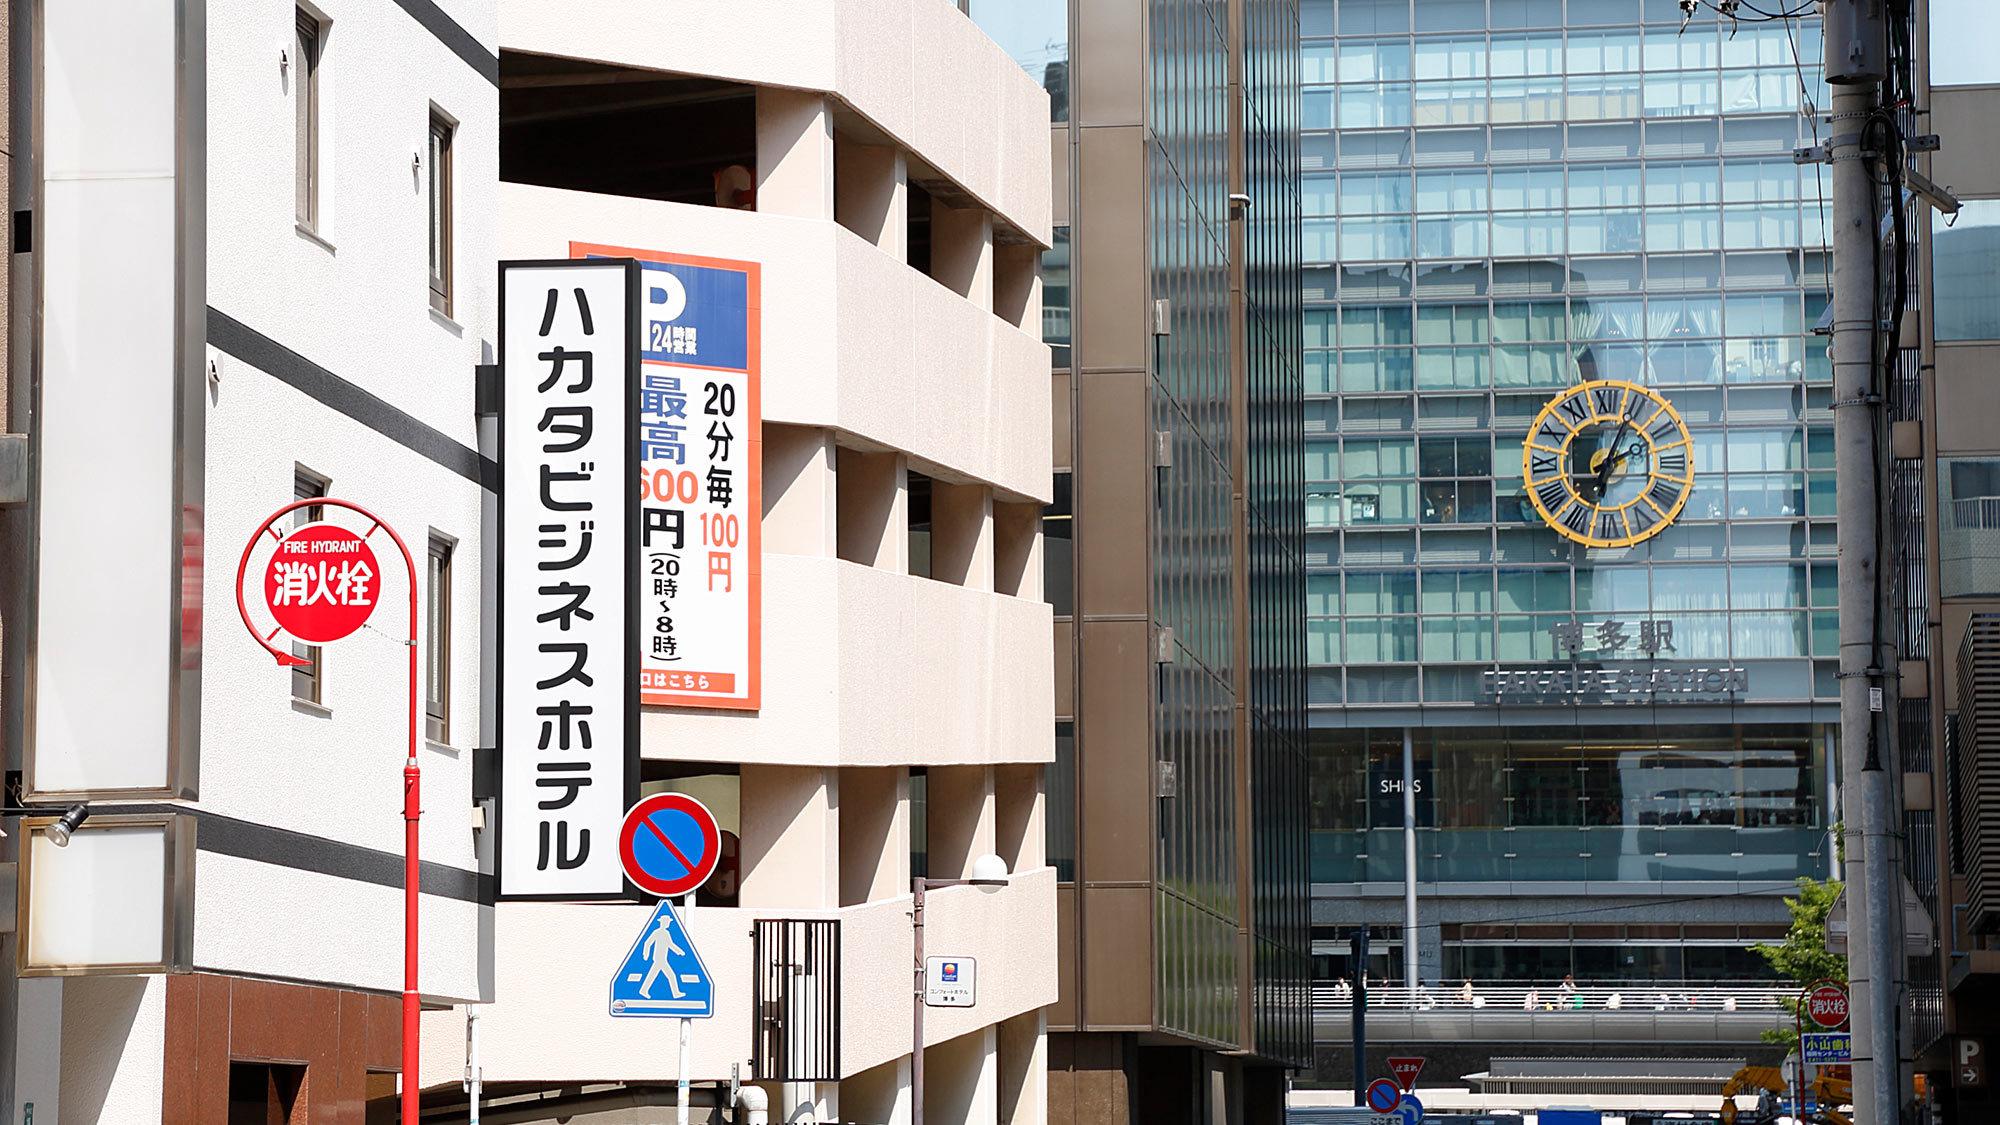 ・JR博多駅 博多口から徒歩2分でアクセス抜群!